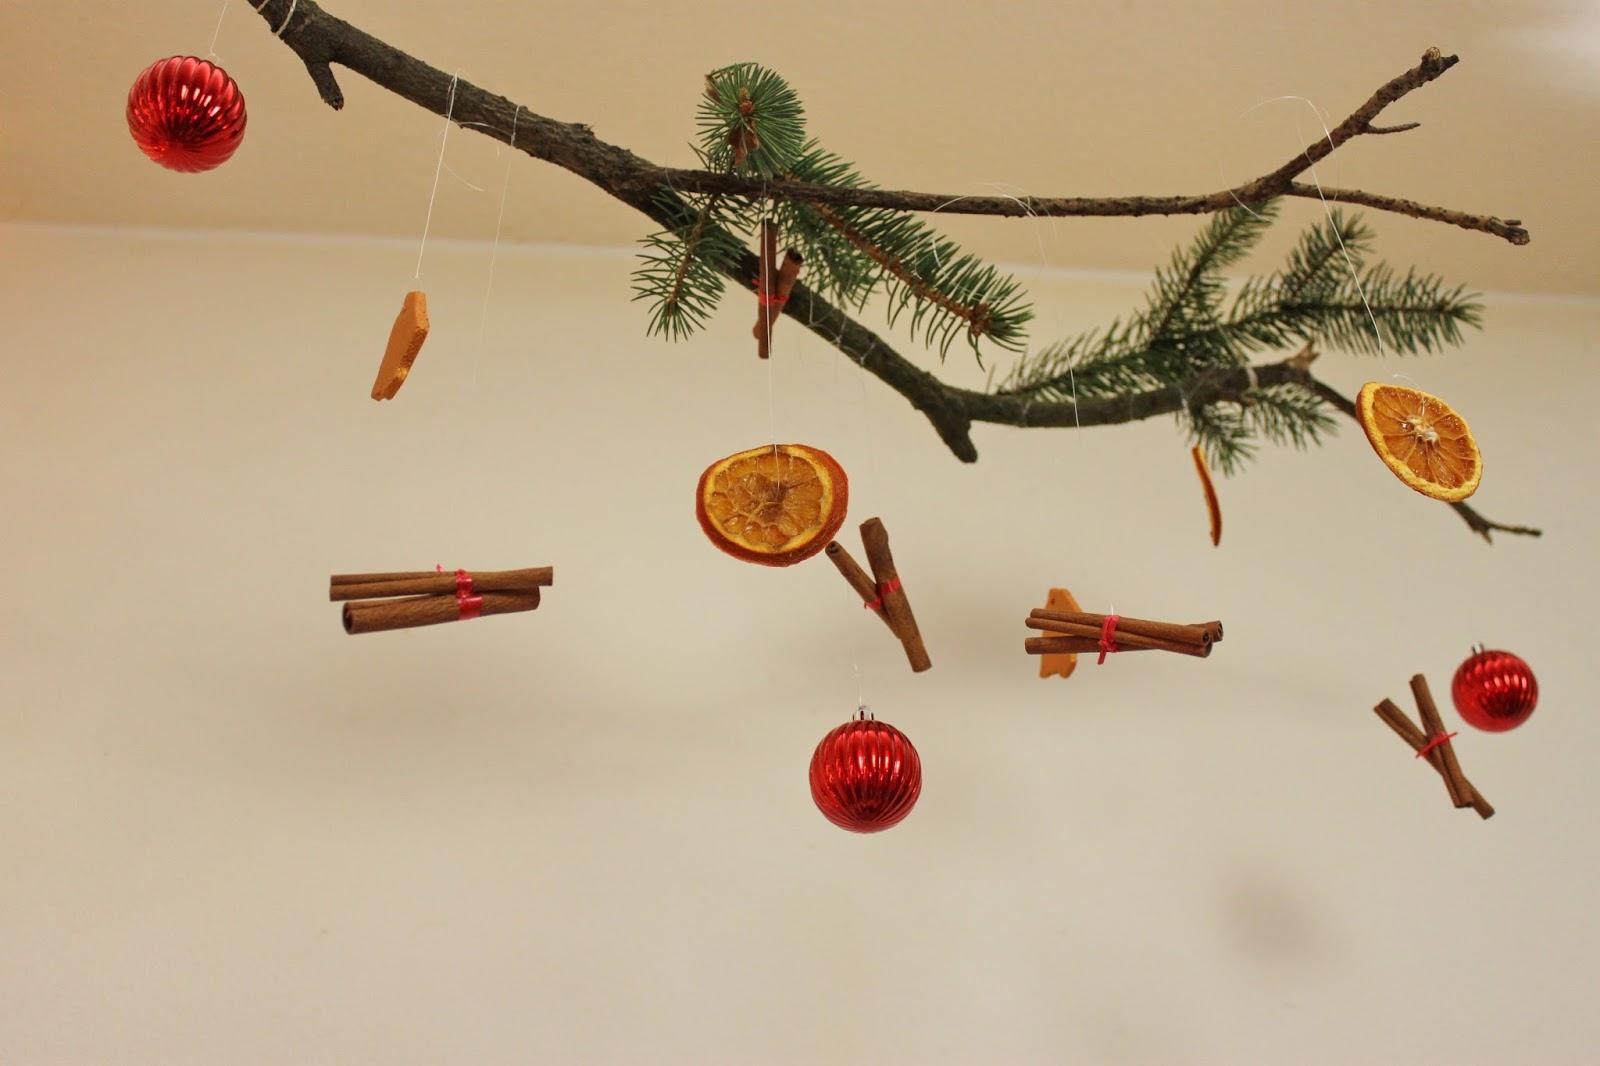 5 diy dekoideen zu weihnachten weihnachtsdeko selber machen jamblog. Black Bedroom Furniture Sets. Home Design Ideas